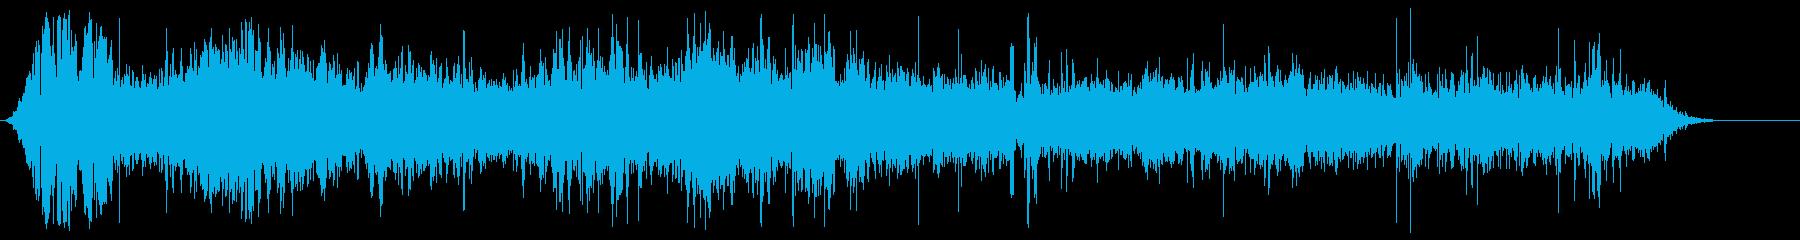 サンフェルミンのBus騒の再生済みの波形